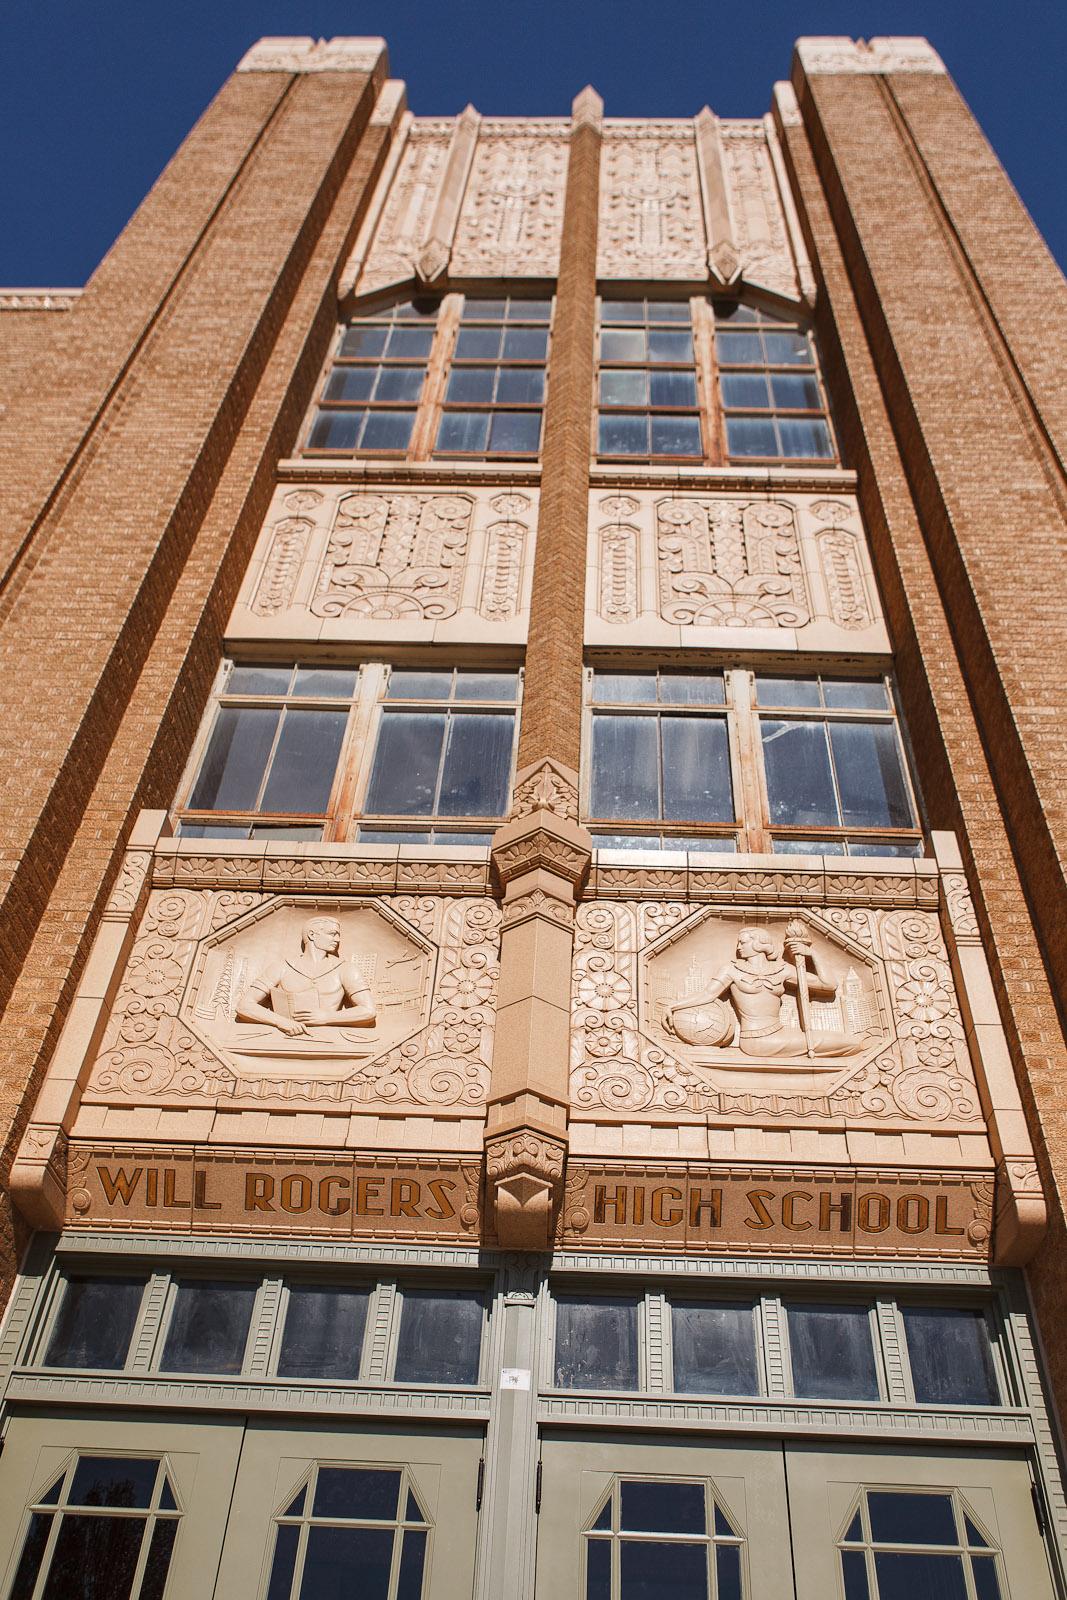 van nuys senior dating site Van nuys high school (vnhs), established in 1914, is a public high school in the van nuys district of los angeles, belonging to the los angeles unified school.